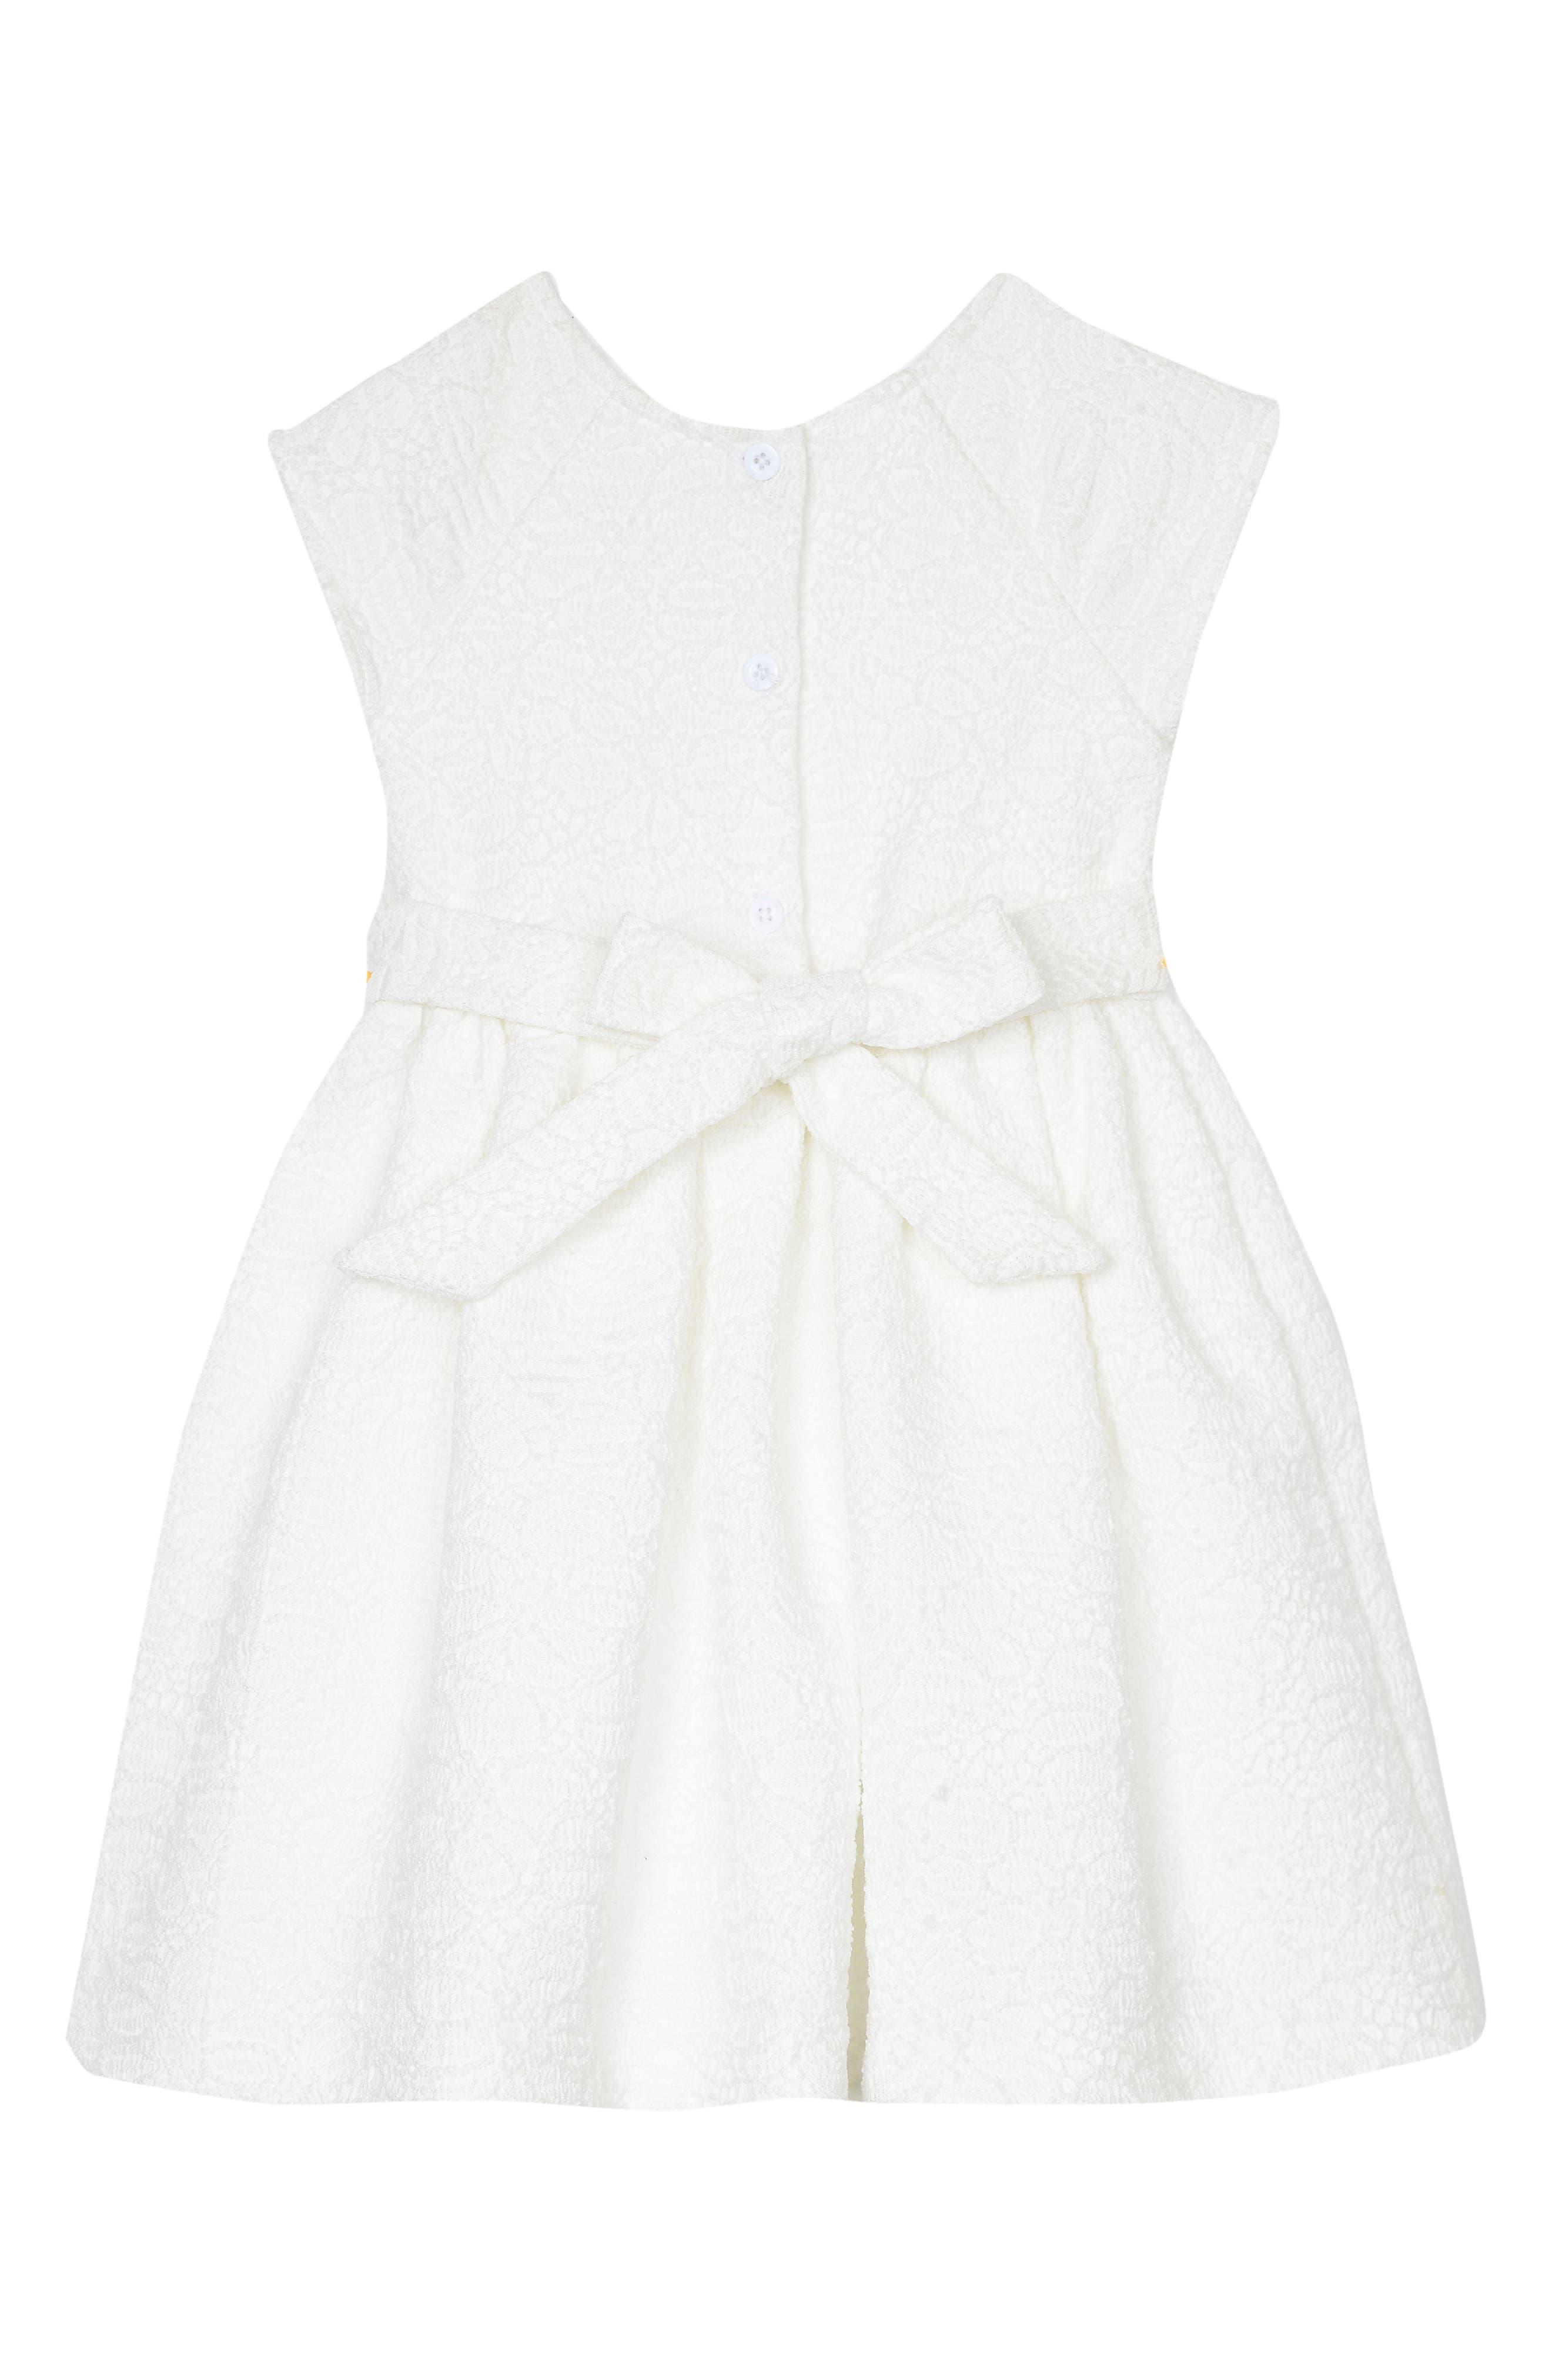 Cherry Blossom Dress,                             Alternate thumbnail 2, color,                             White